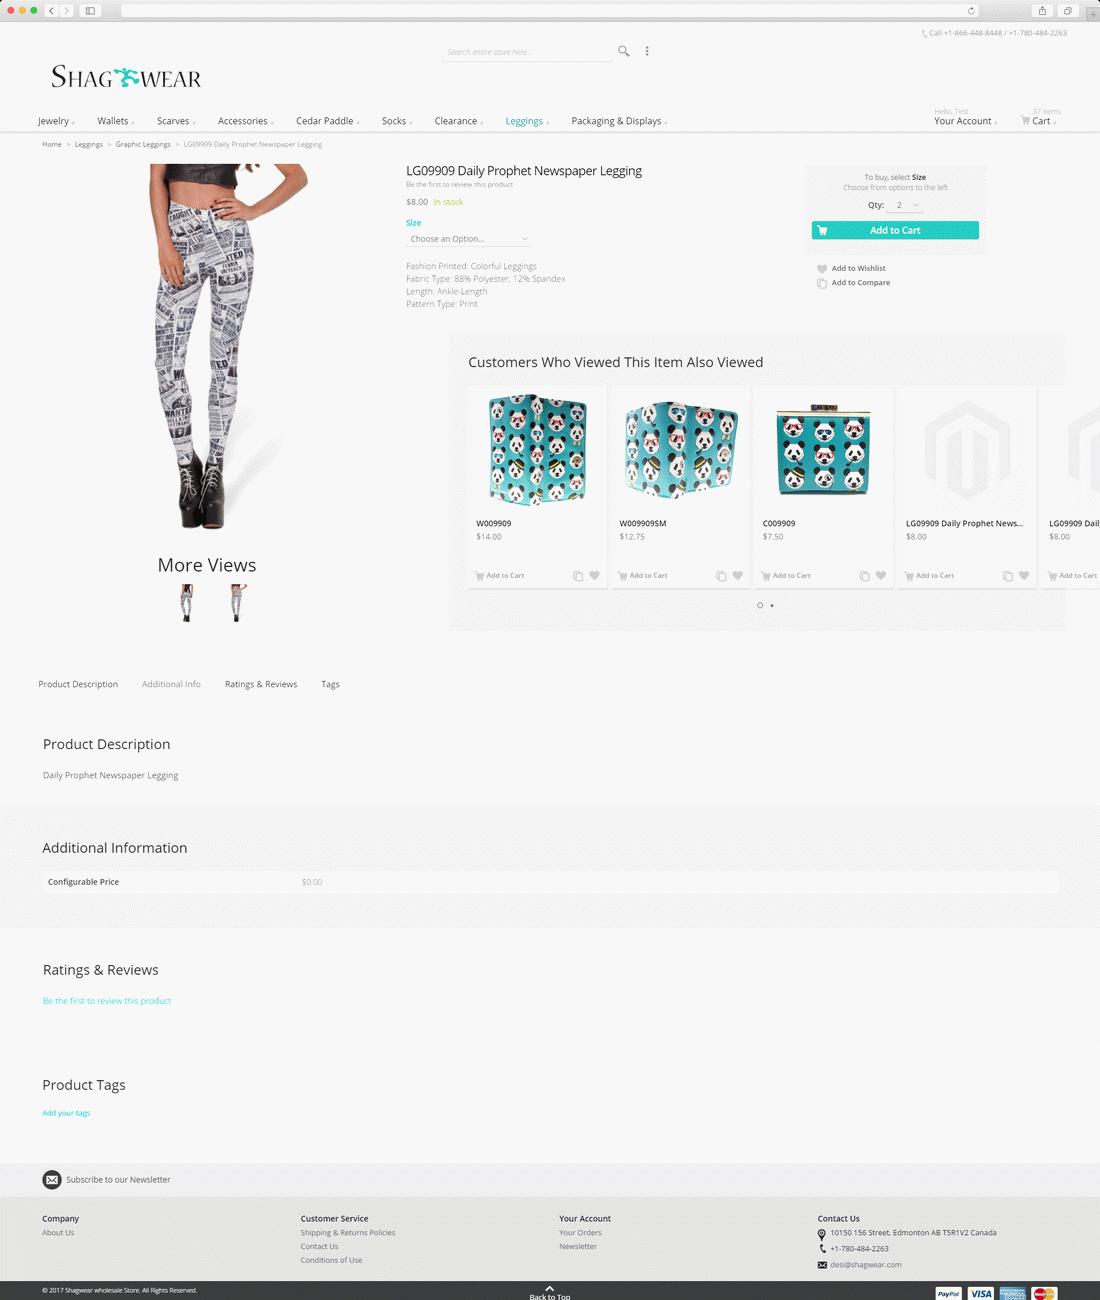 shagwear_product